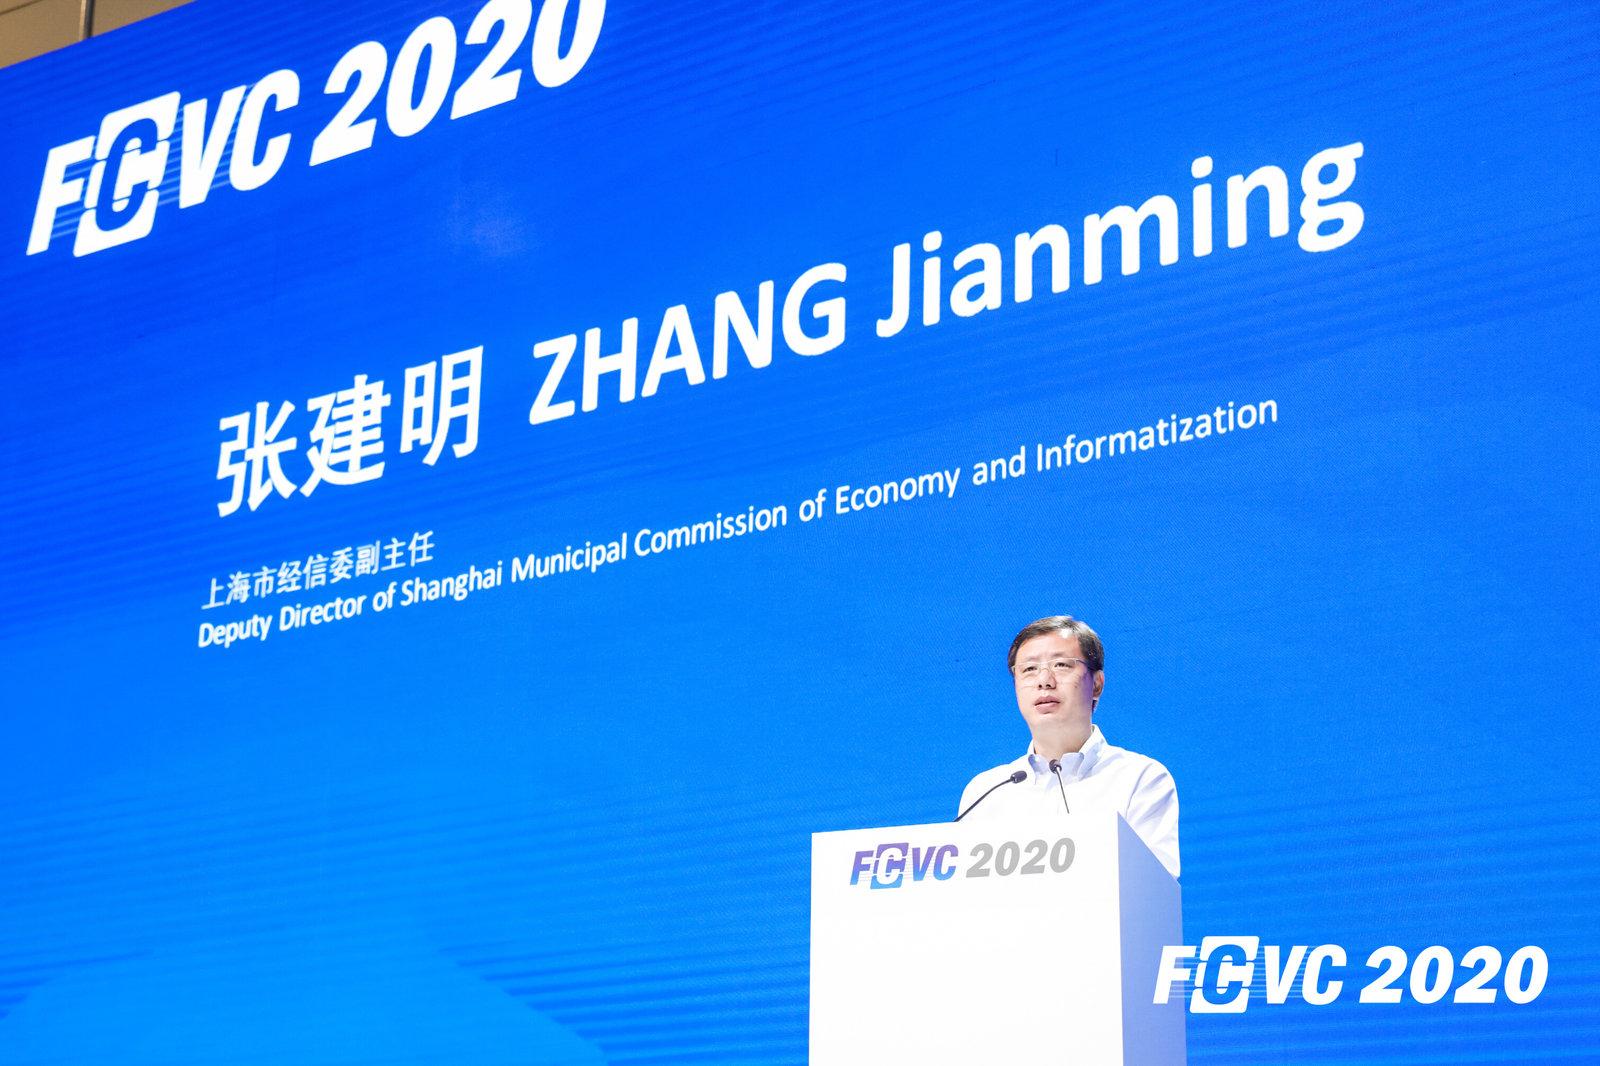 上海经信委张建明:上海将重点建设6个燃料电池汽车产业集聚带